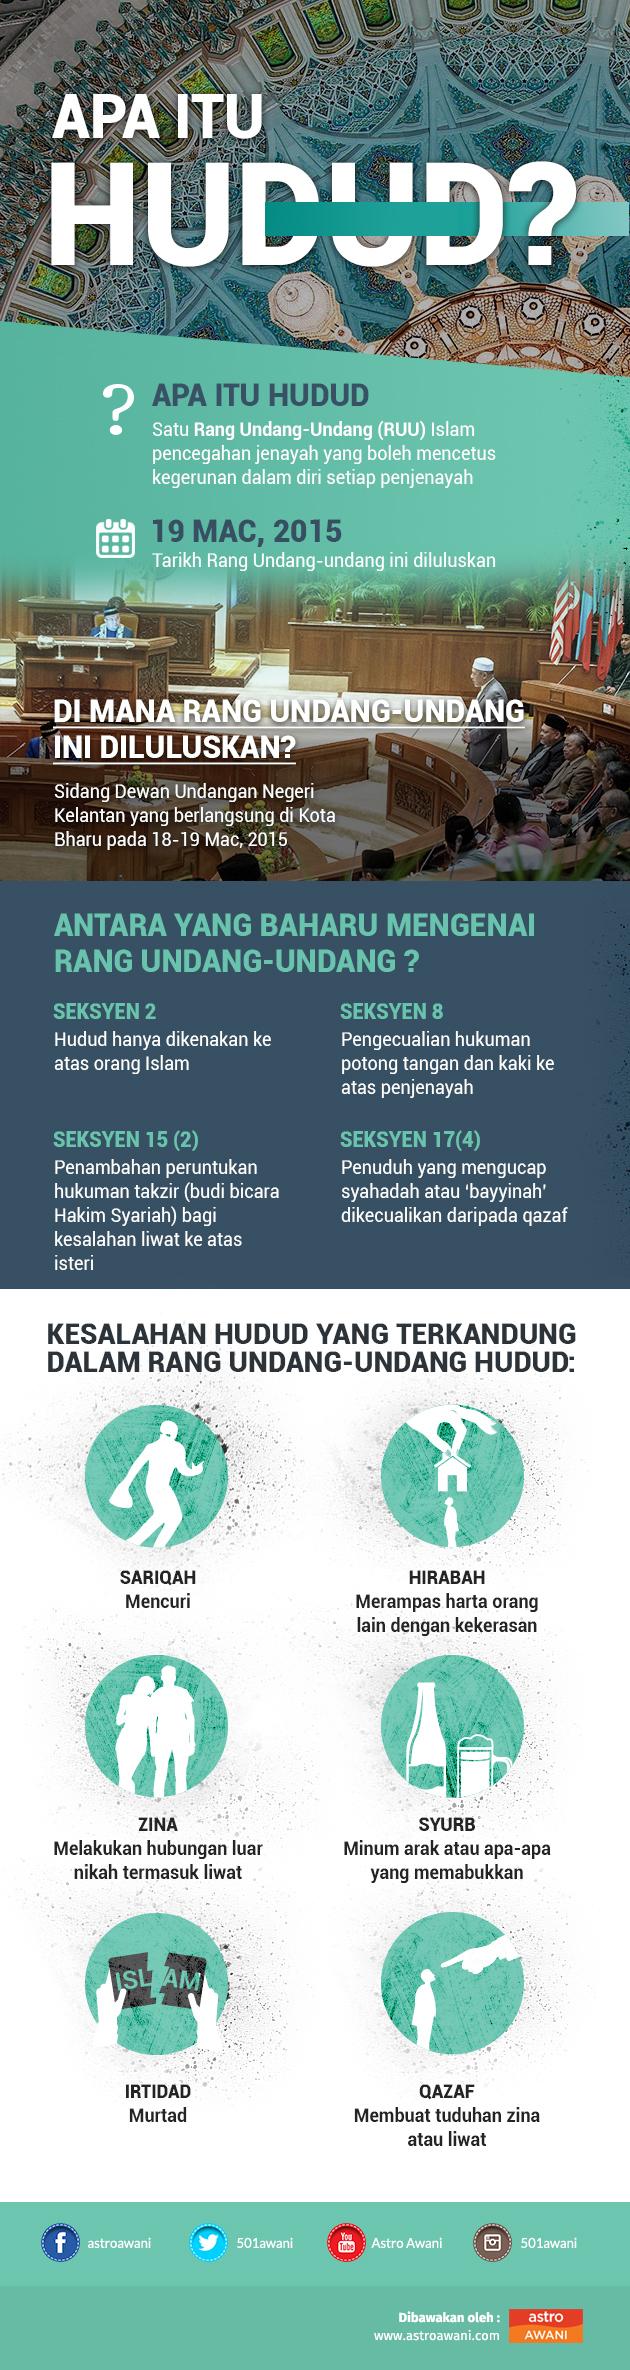 Infografik hukuk Hudud